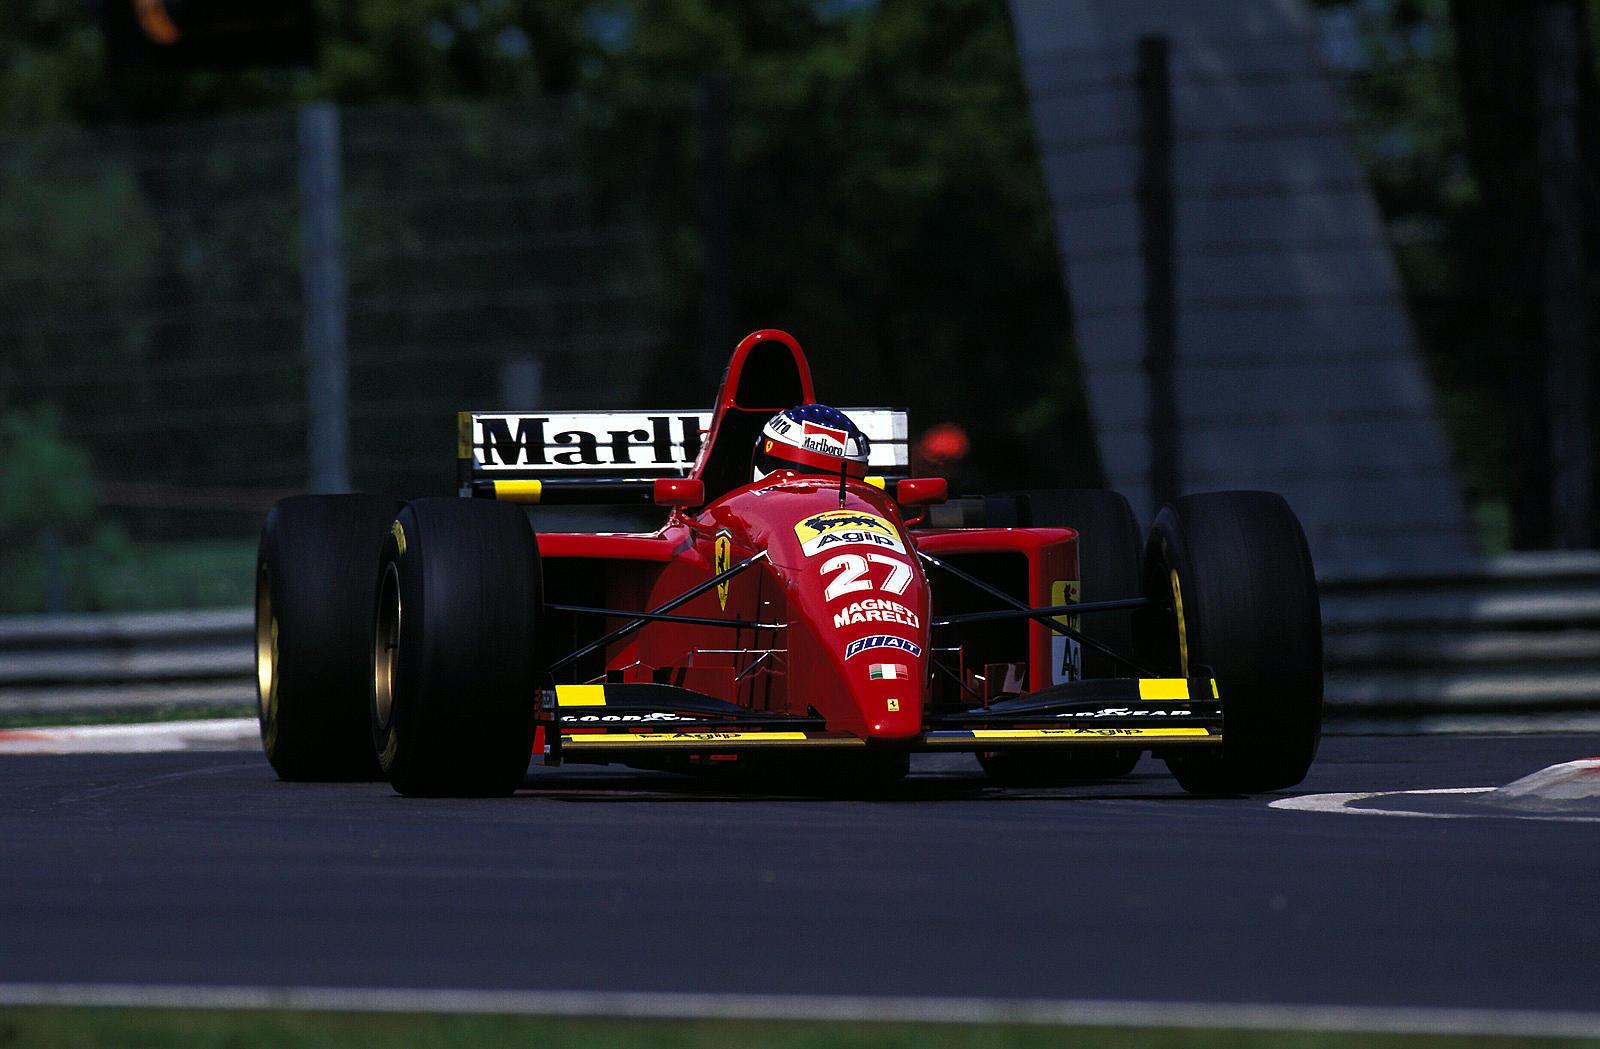 Ferrari 412 T2 Jean Alesi 1995